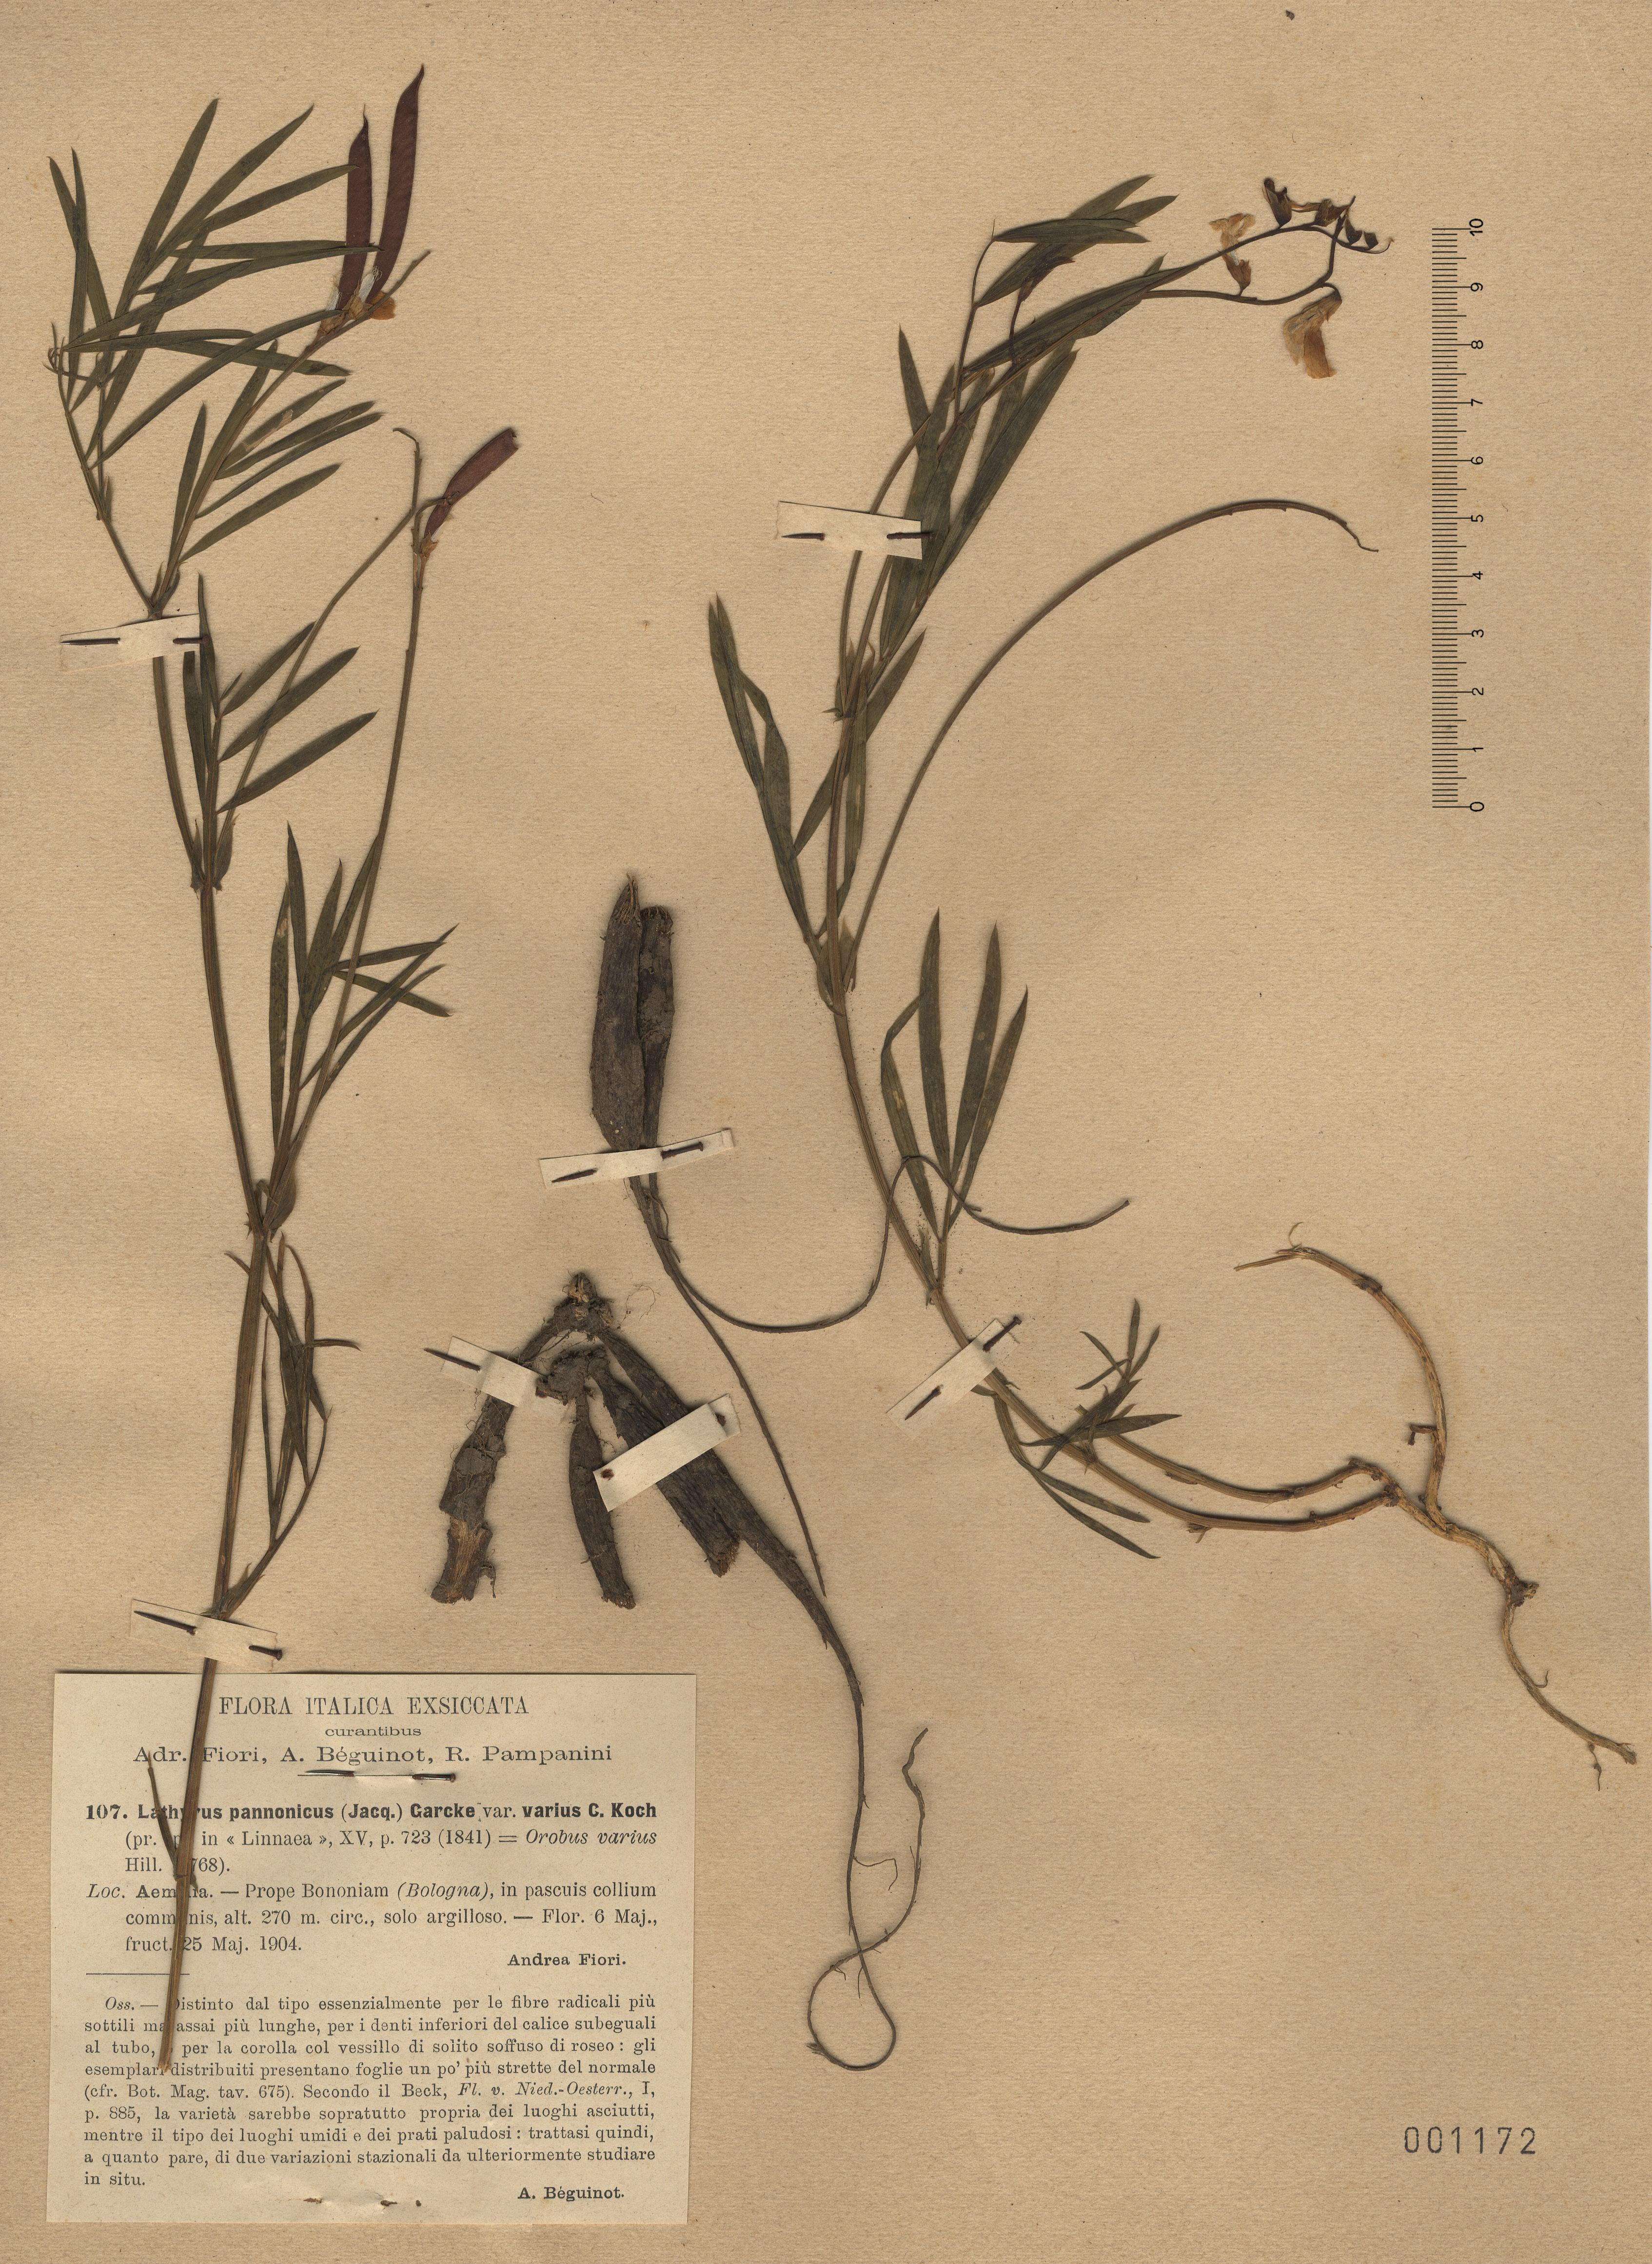 © Hortus Botanicus Catinensis - Herb. sheet  001172<br>